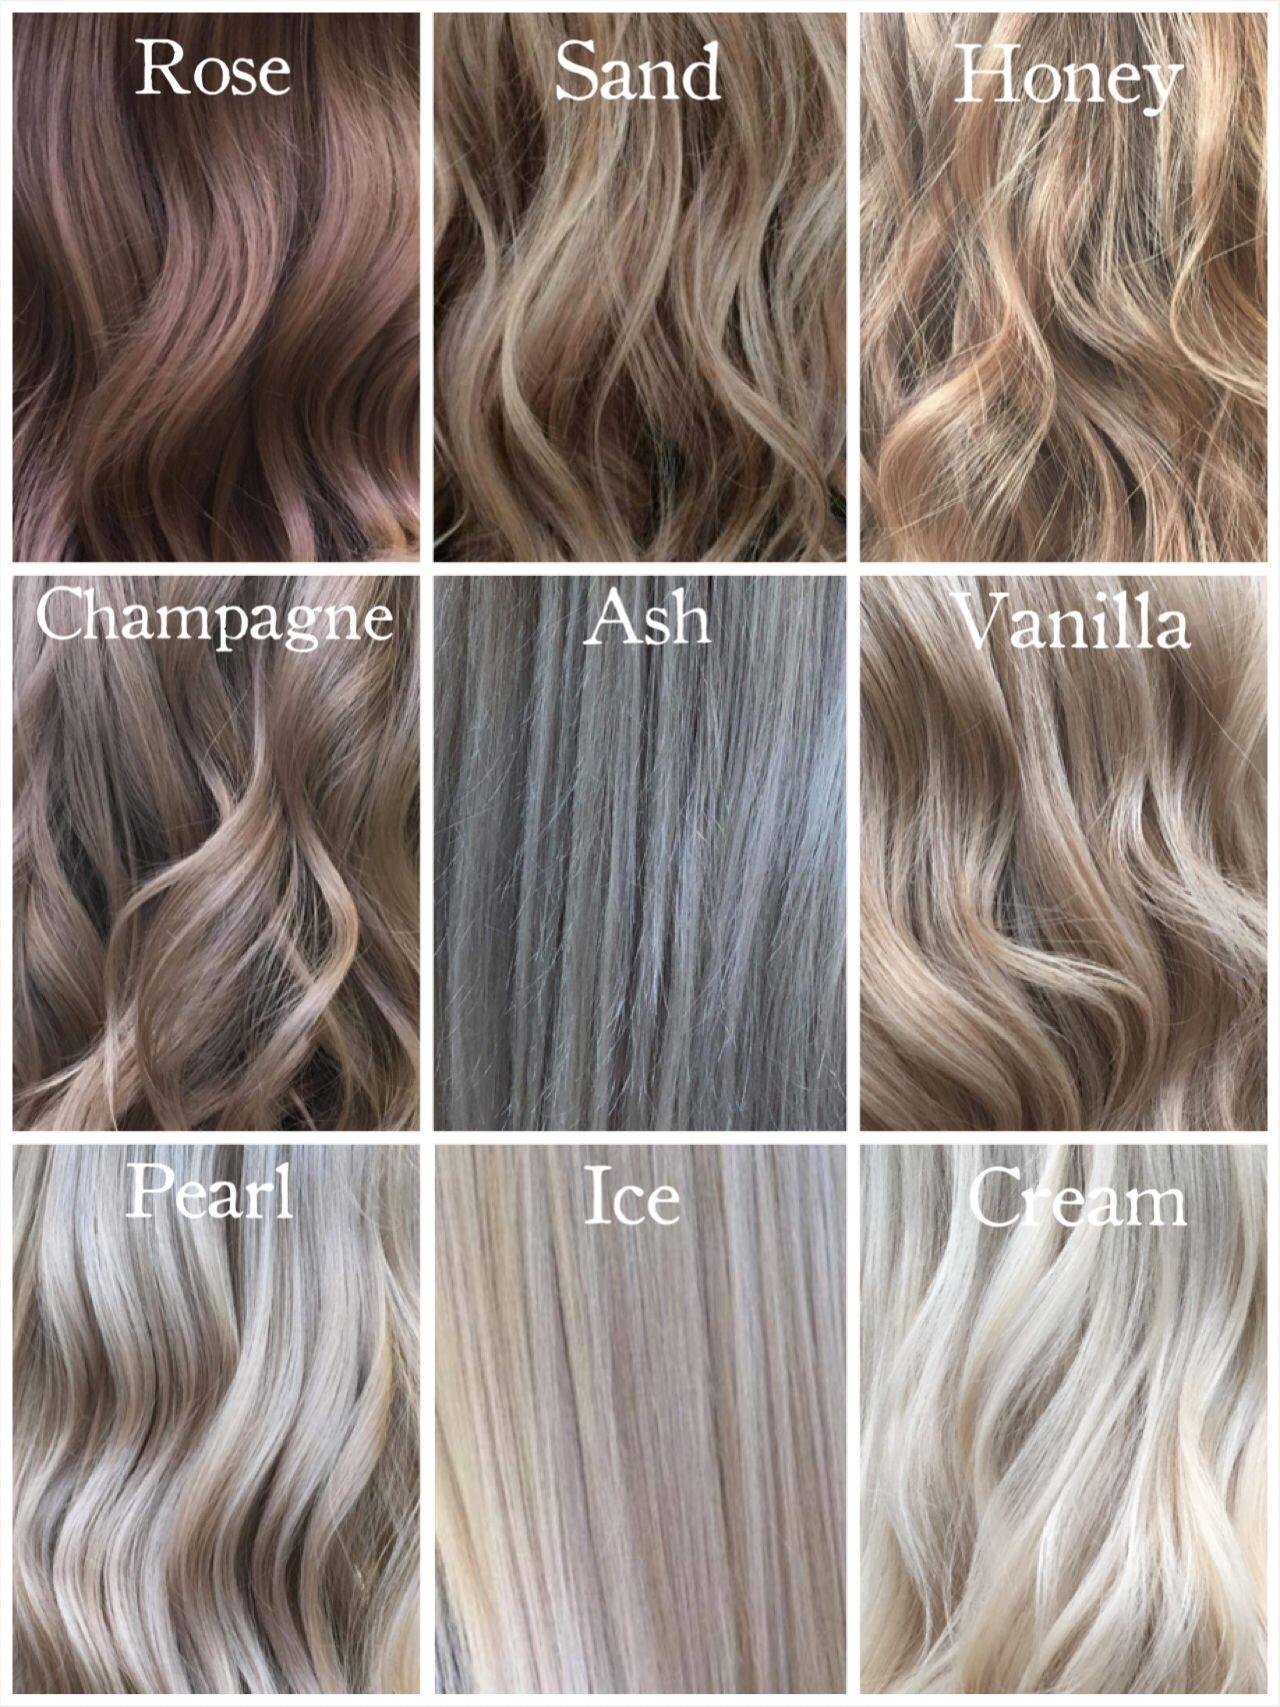 Shades Of Blonde Milenashairdesign Hairinspiration Curls Shadesofblonde Roseblonde Sandblonde Vanillablo Champagne Hair Color Champagne Hair Hair Styles